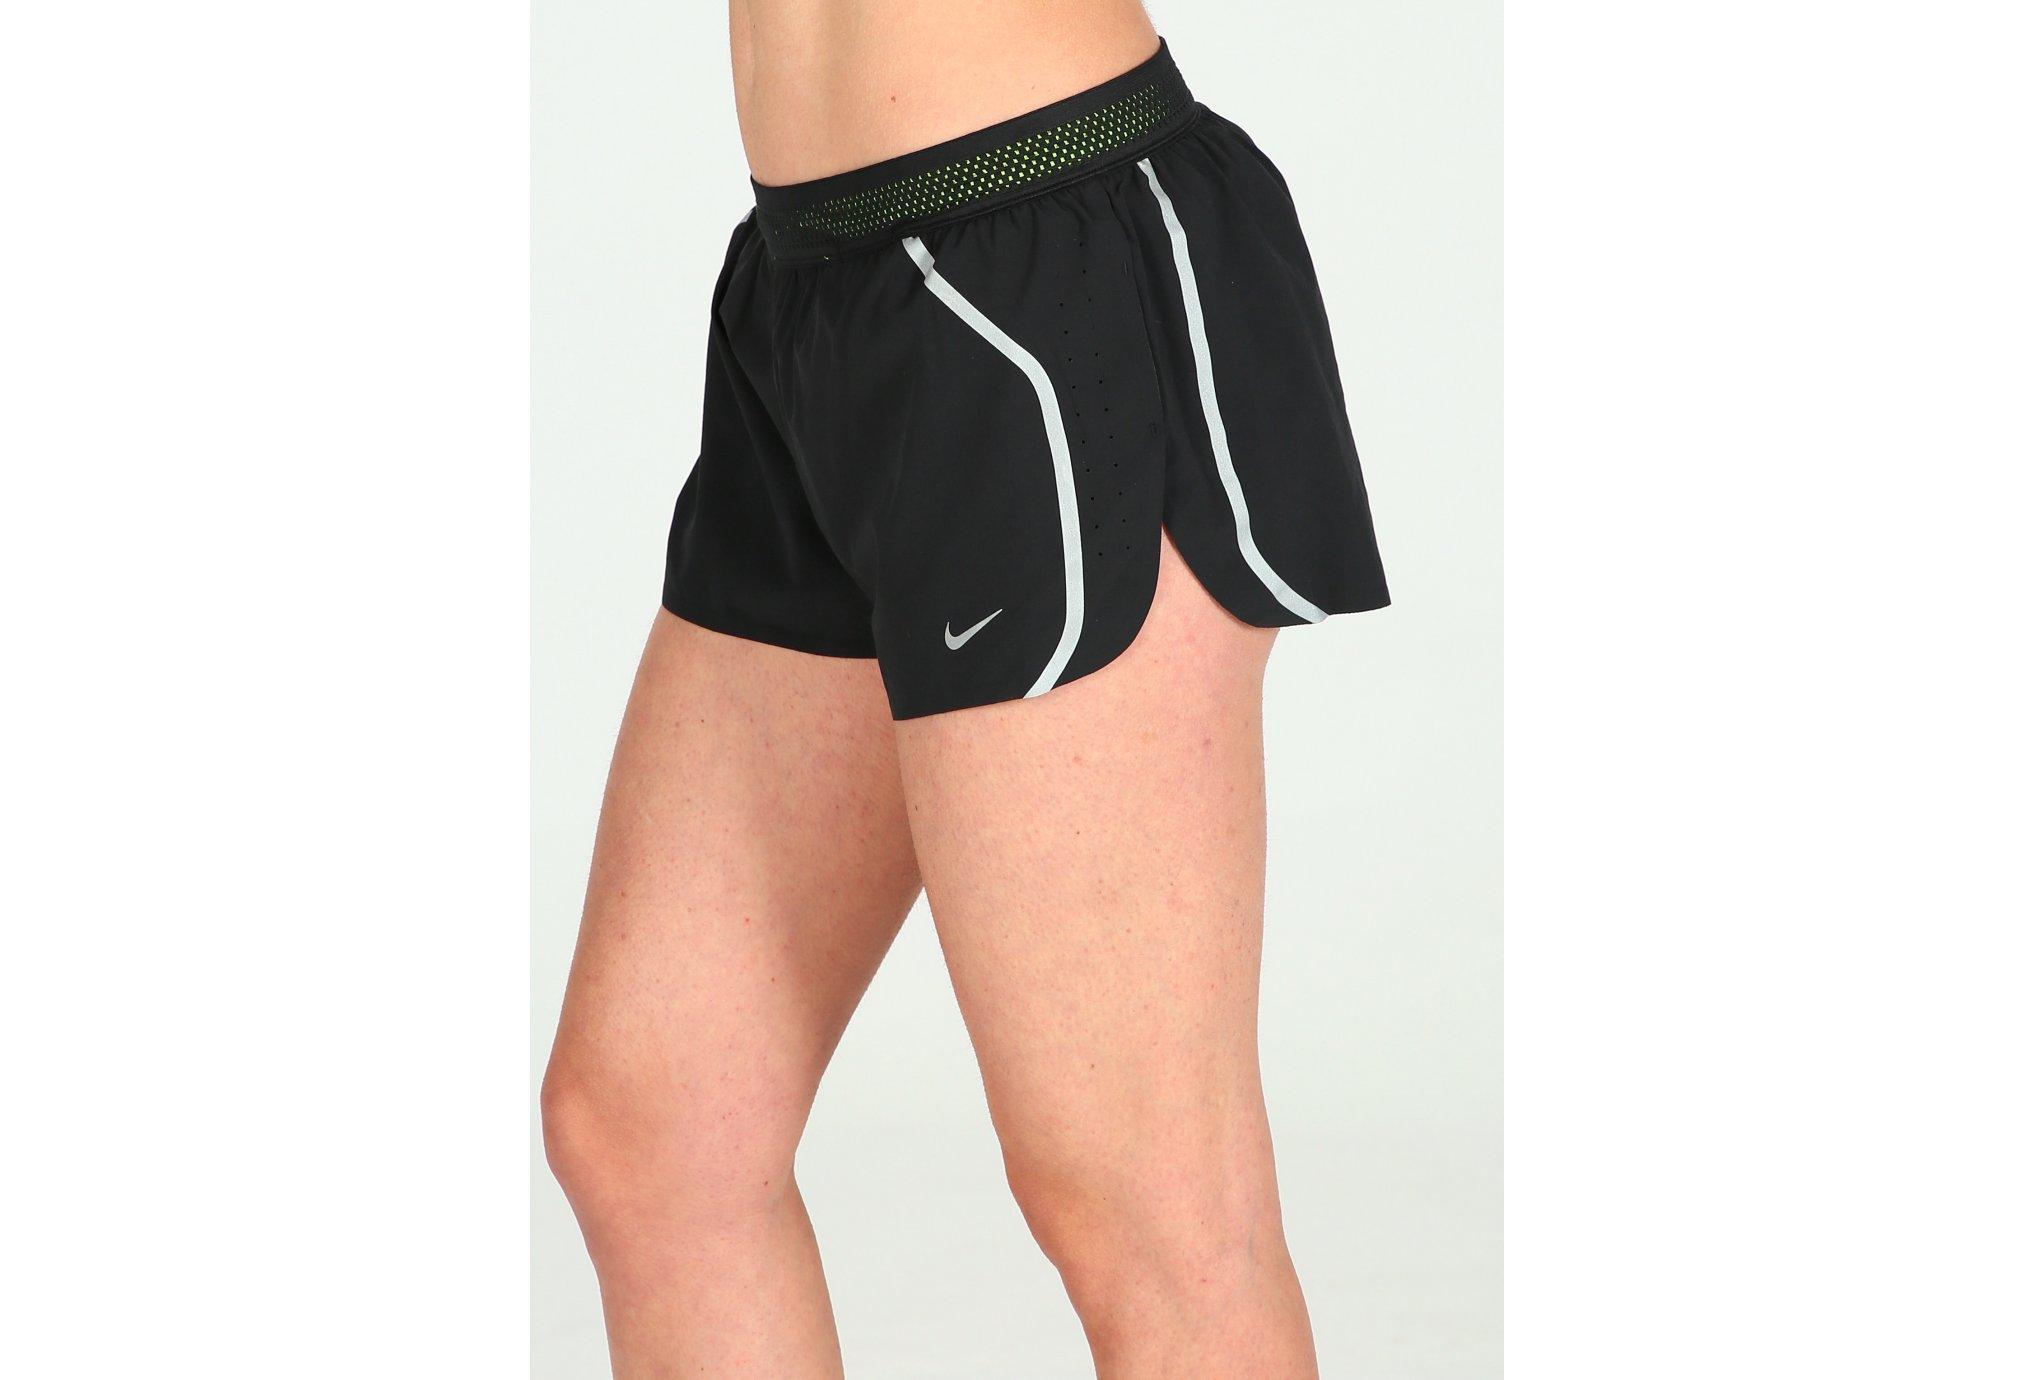 Nike Short AeroSwift Race 5cm W Diététique Vêtements femme